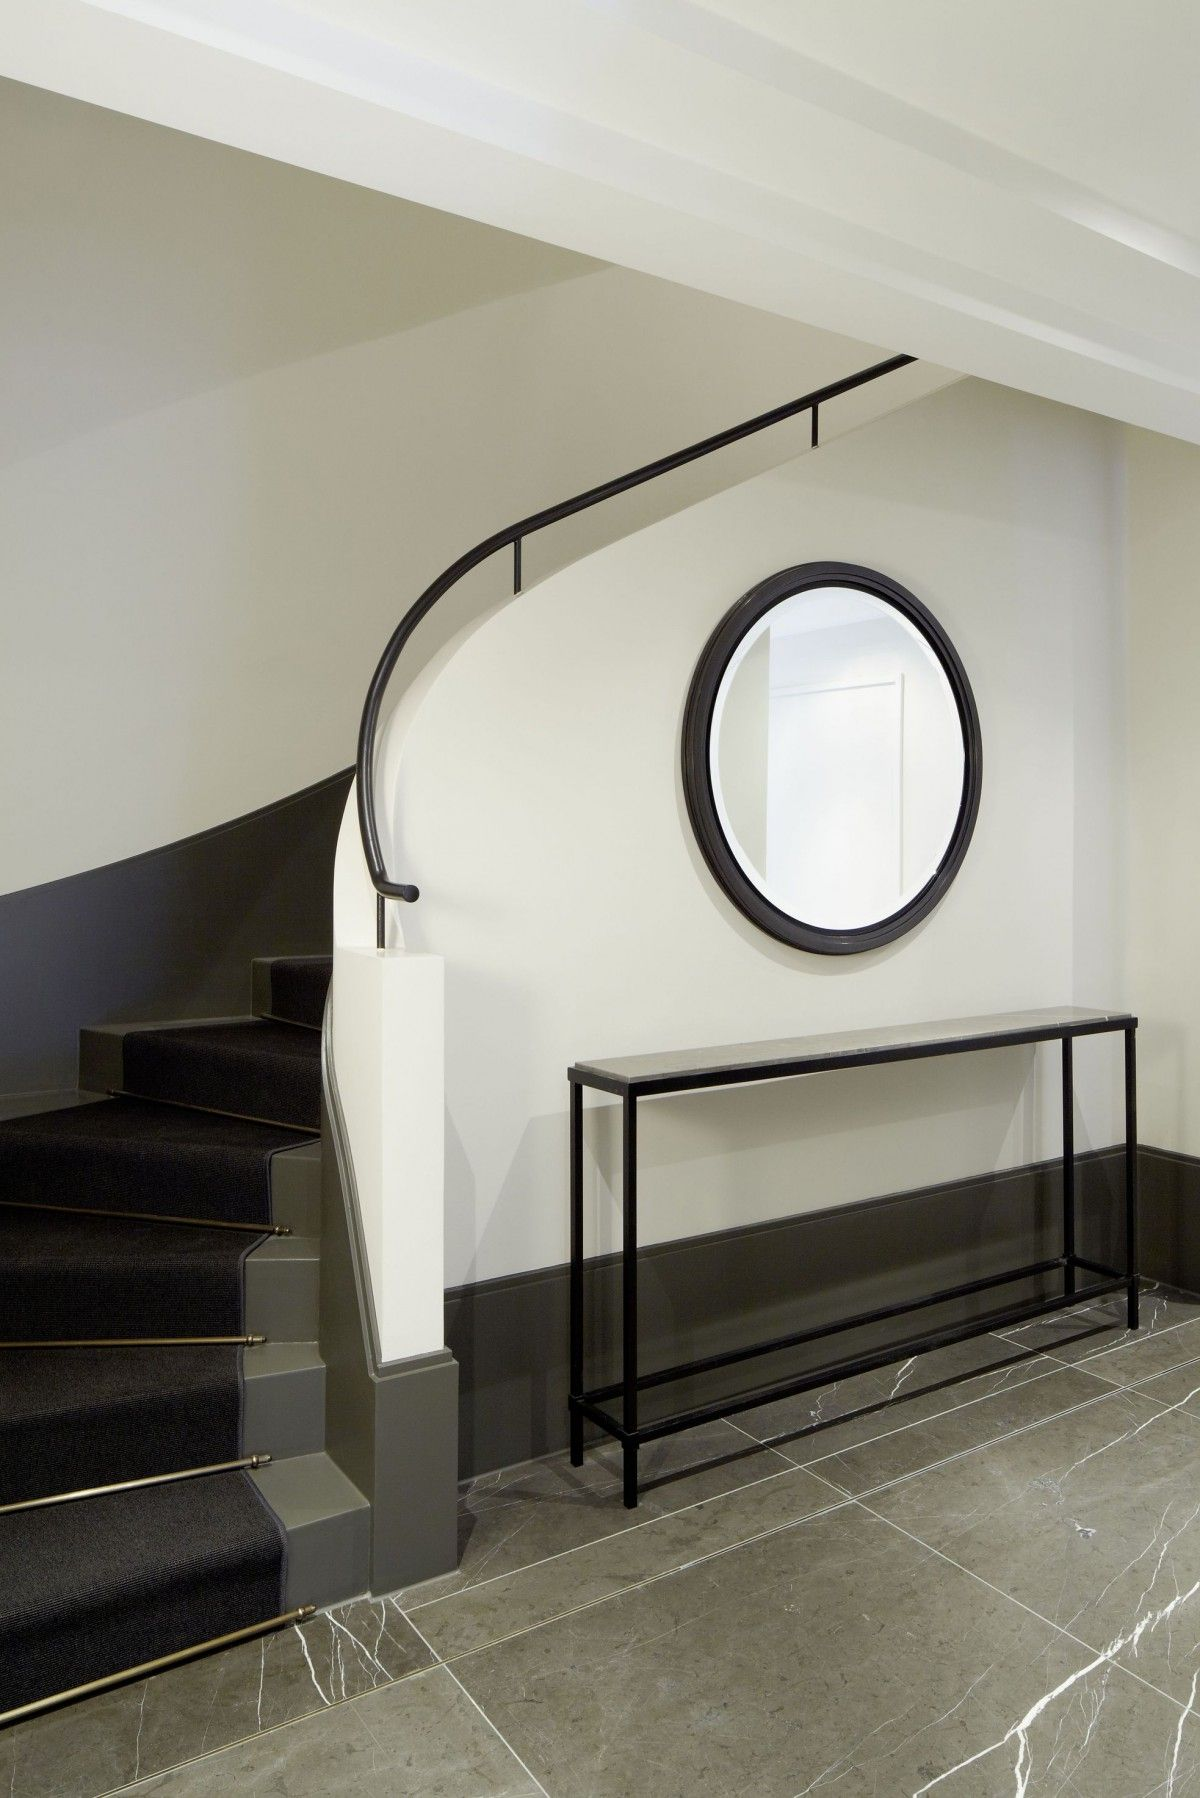 die geschwungene treppe f hrt vom eingangsbreich der mit. Black Bedroom Furniture Sets. Home Design Ideas